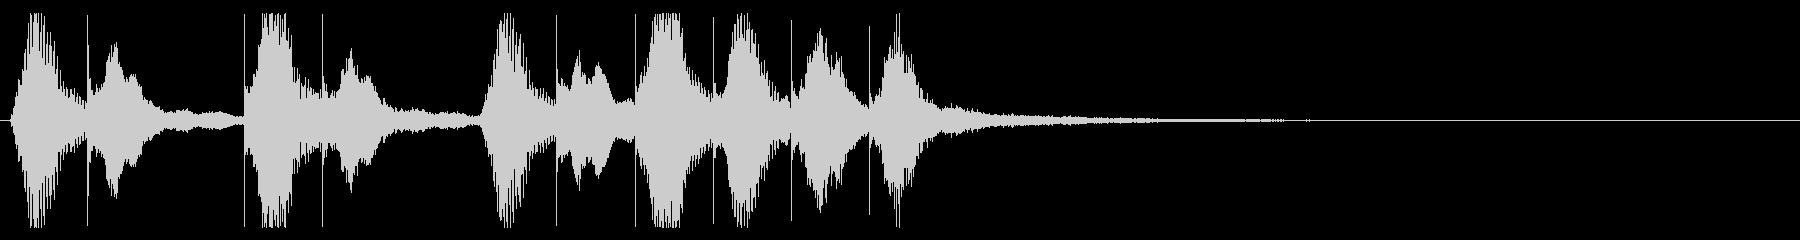 グロッケンと弦楽器のポップなジングルの未再生の波形